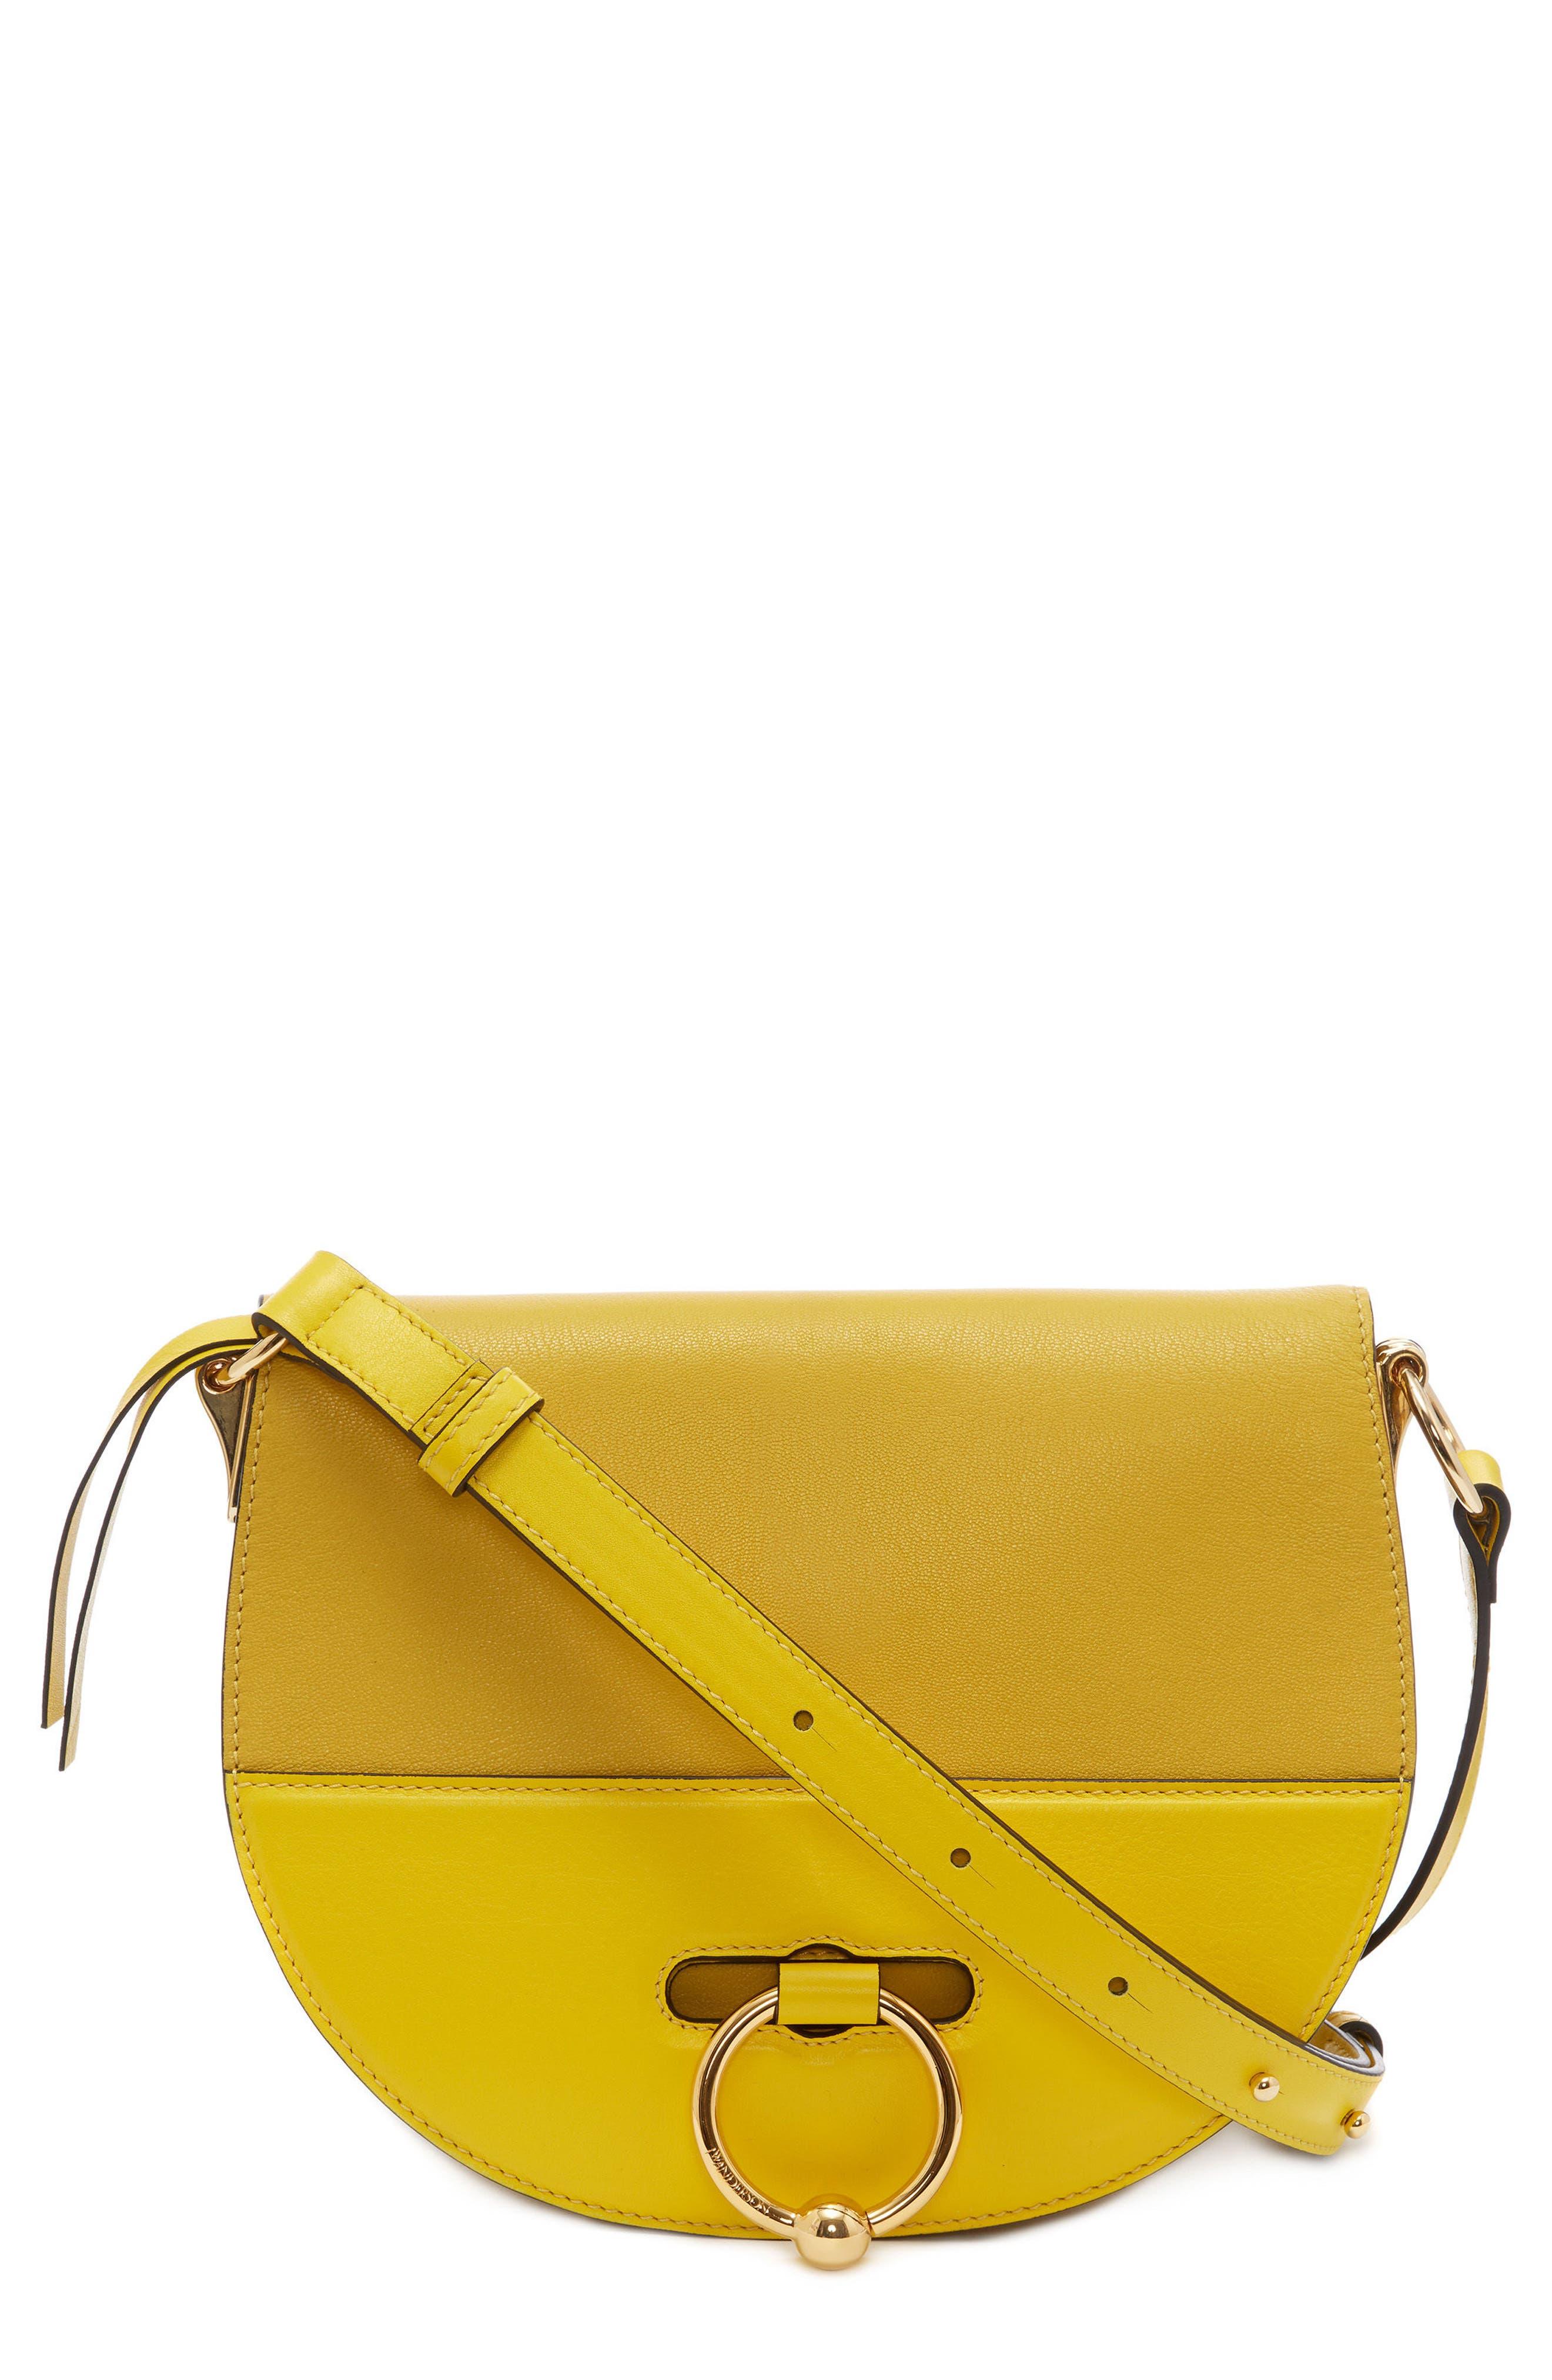 J.W.ANDERSON Latch Crossbody Bag